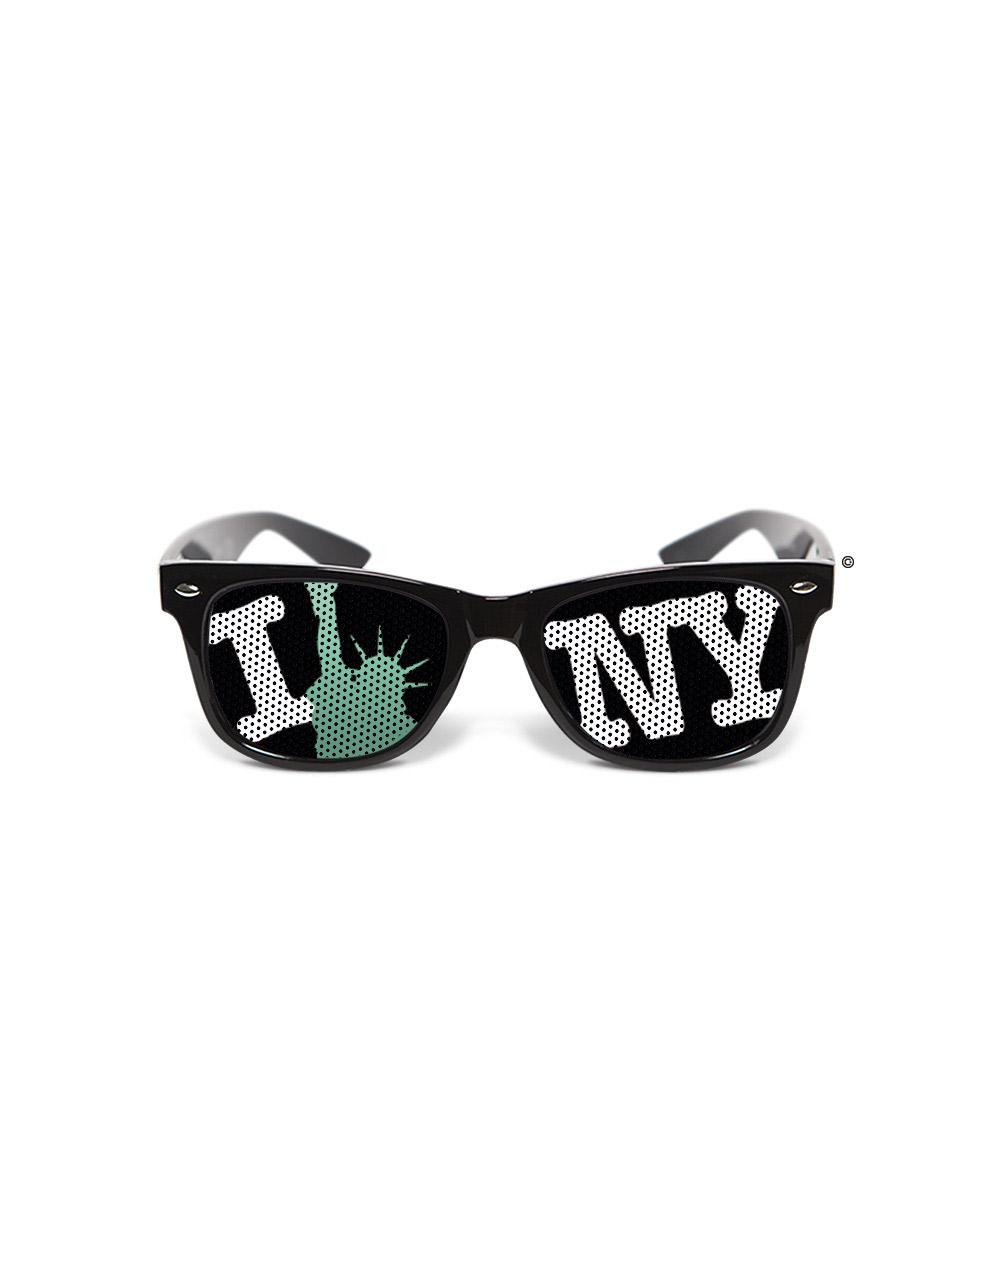 lunettes humoristiques new york achat de accessoires sur vegaoopro grossiste en d guisements. Black Bedroom Furniture Sets. Home Design Ideas